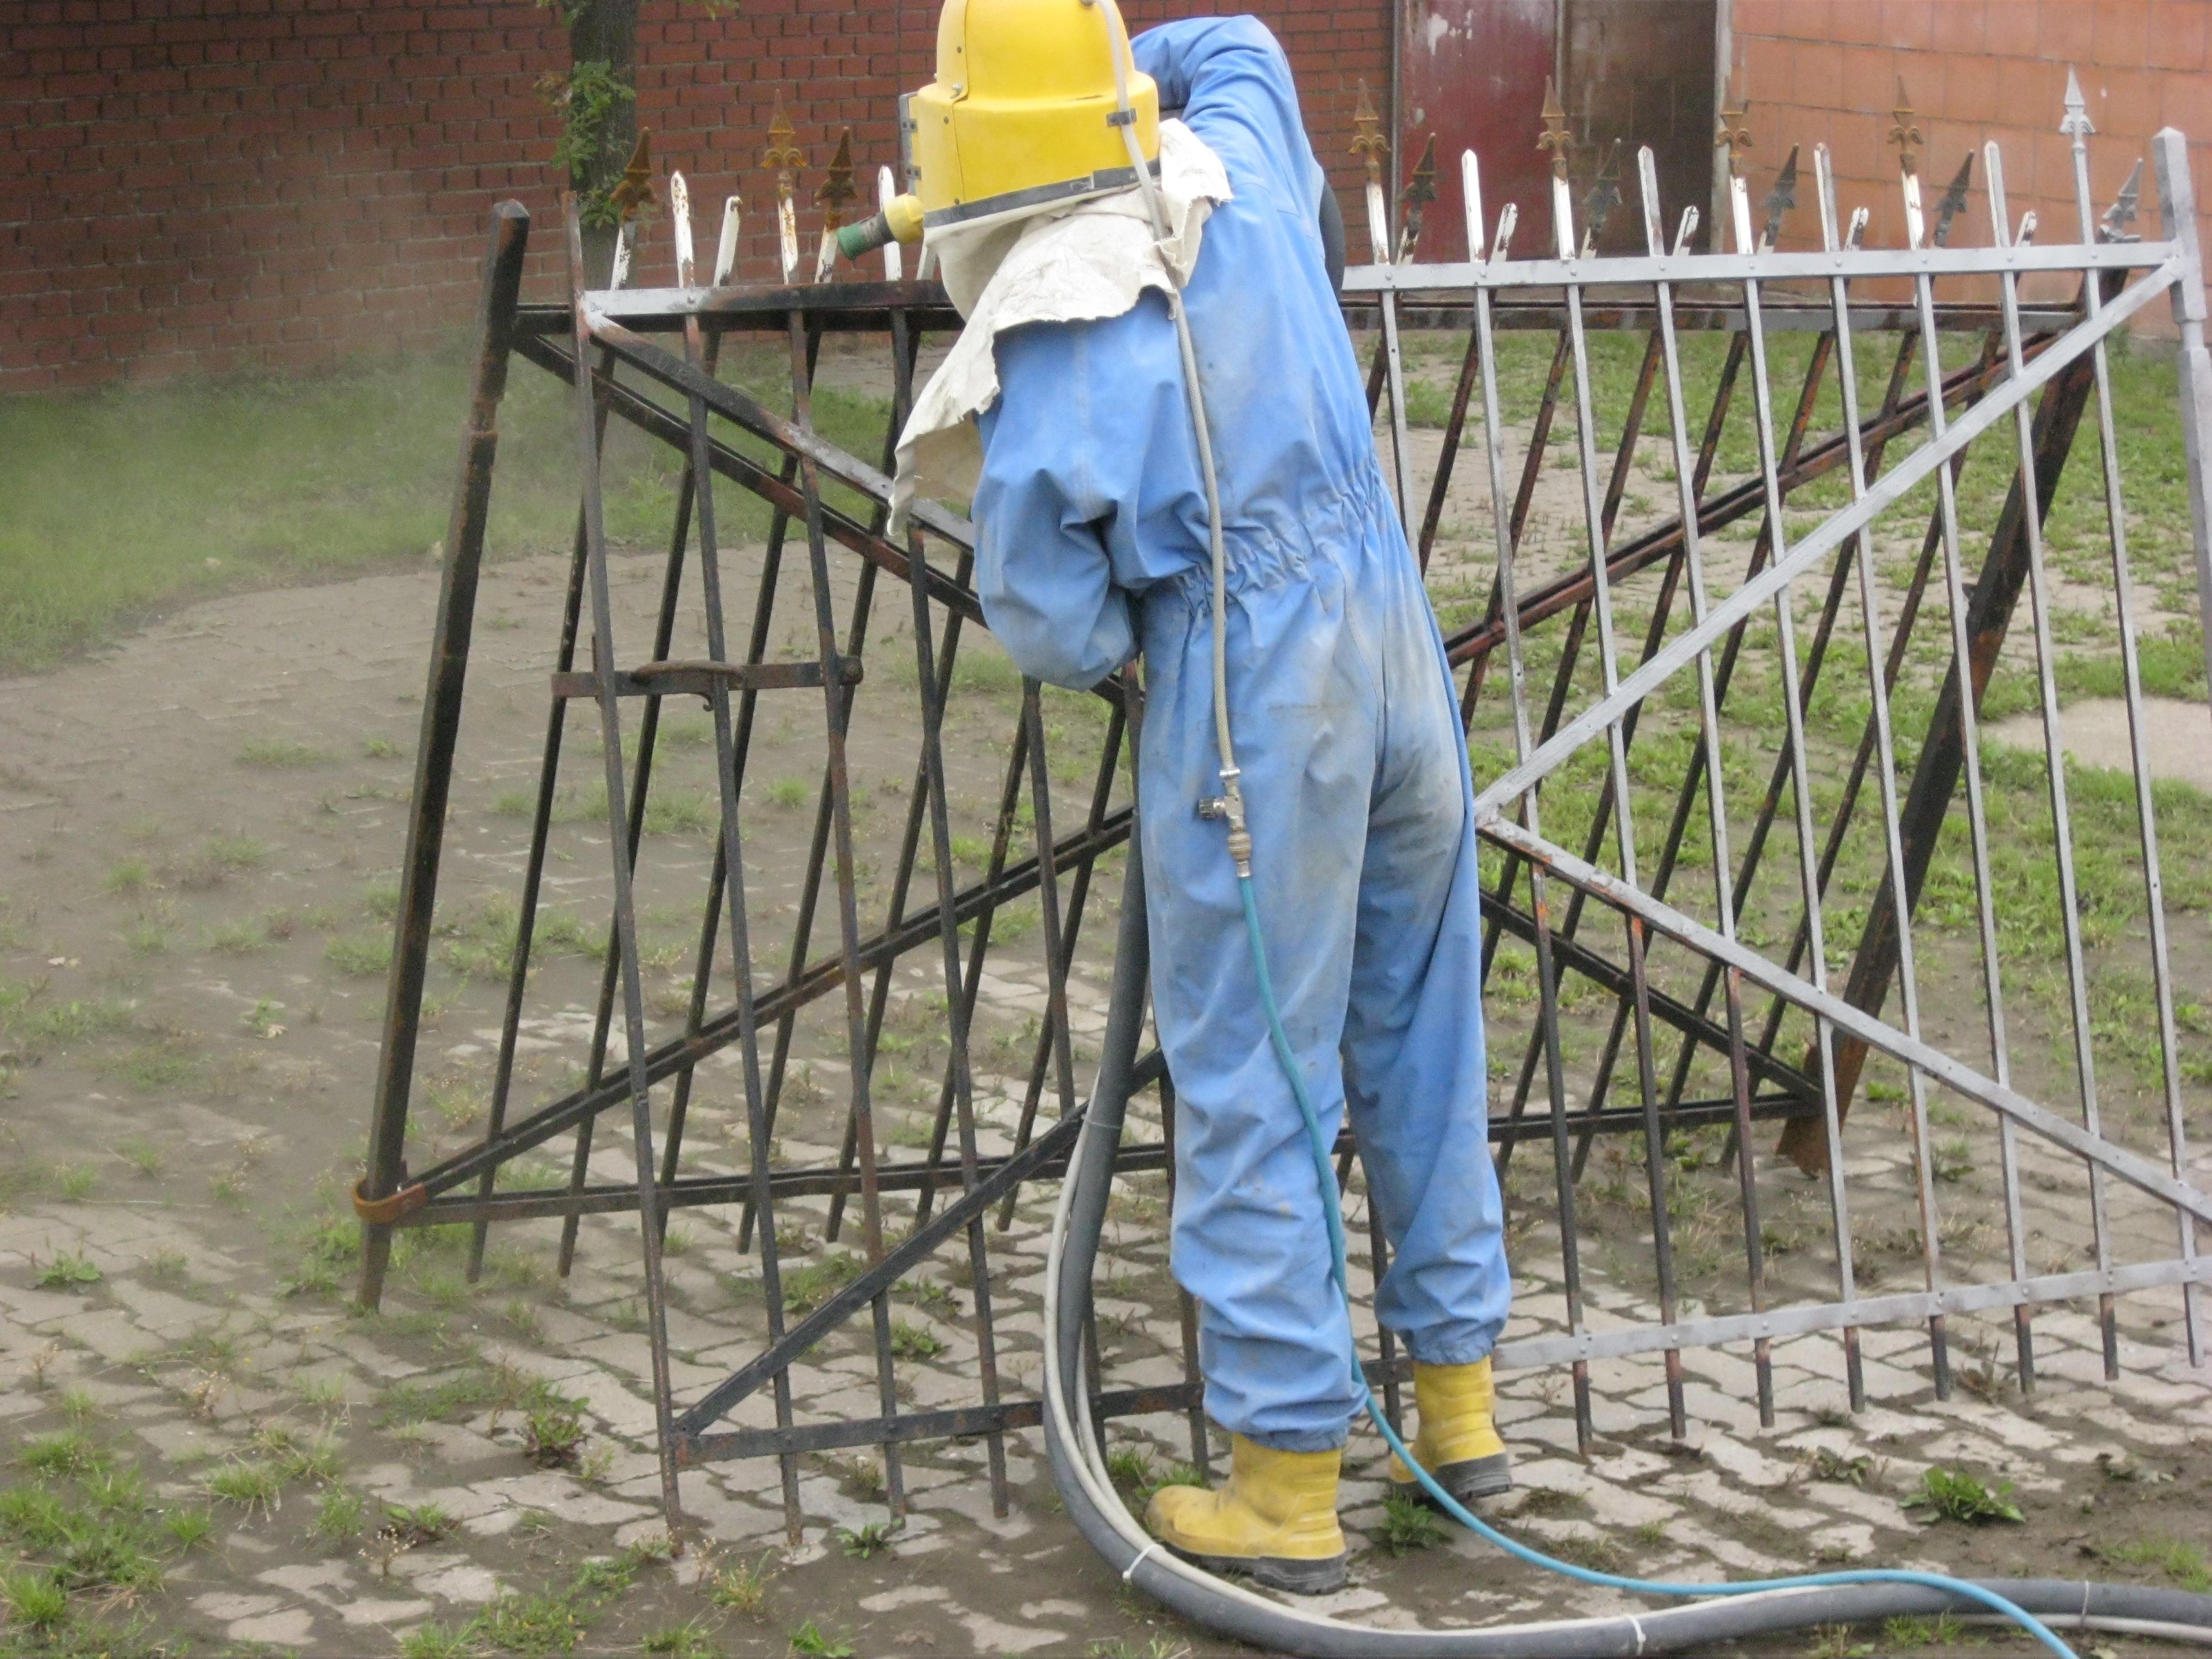 Geländertor während der Bearbeitung